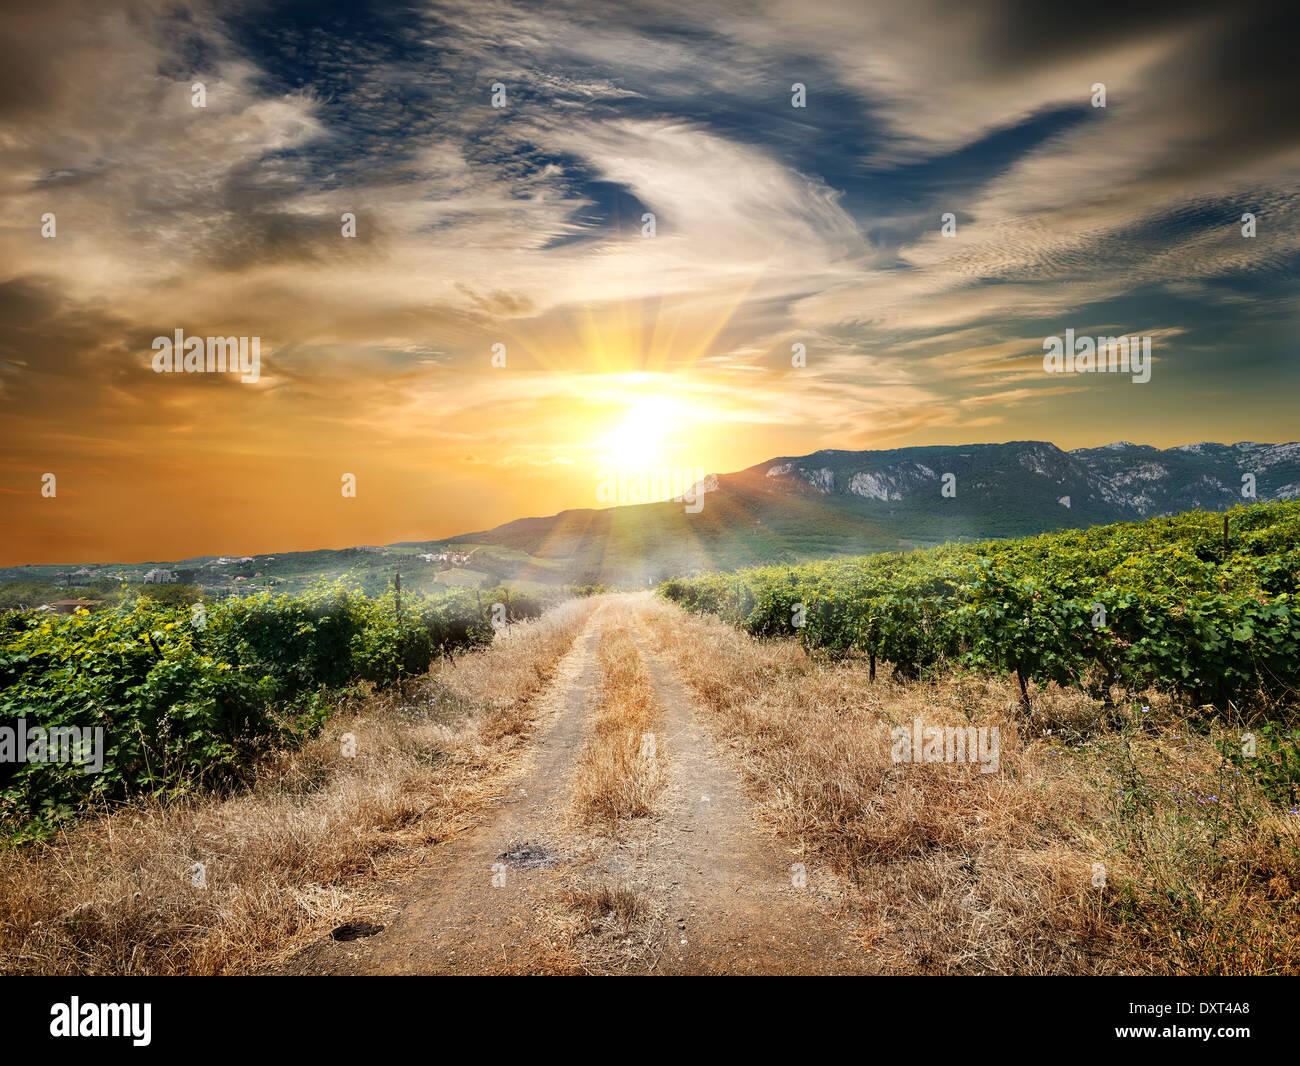 País por carretera a través de un viñedo en otoño Foto de stock